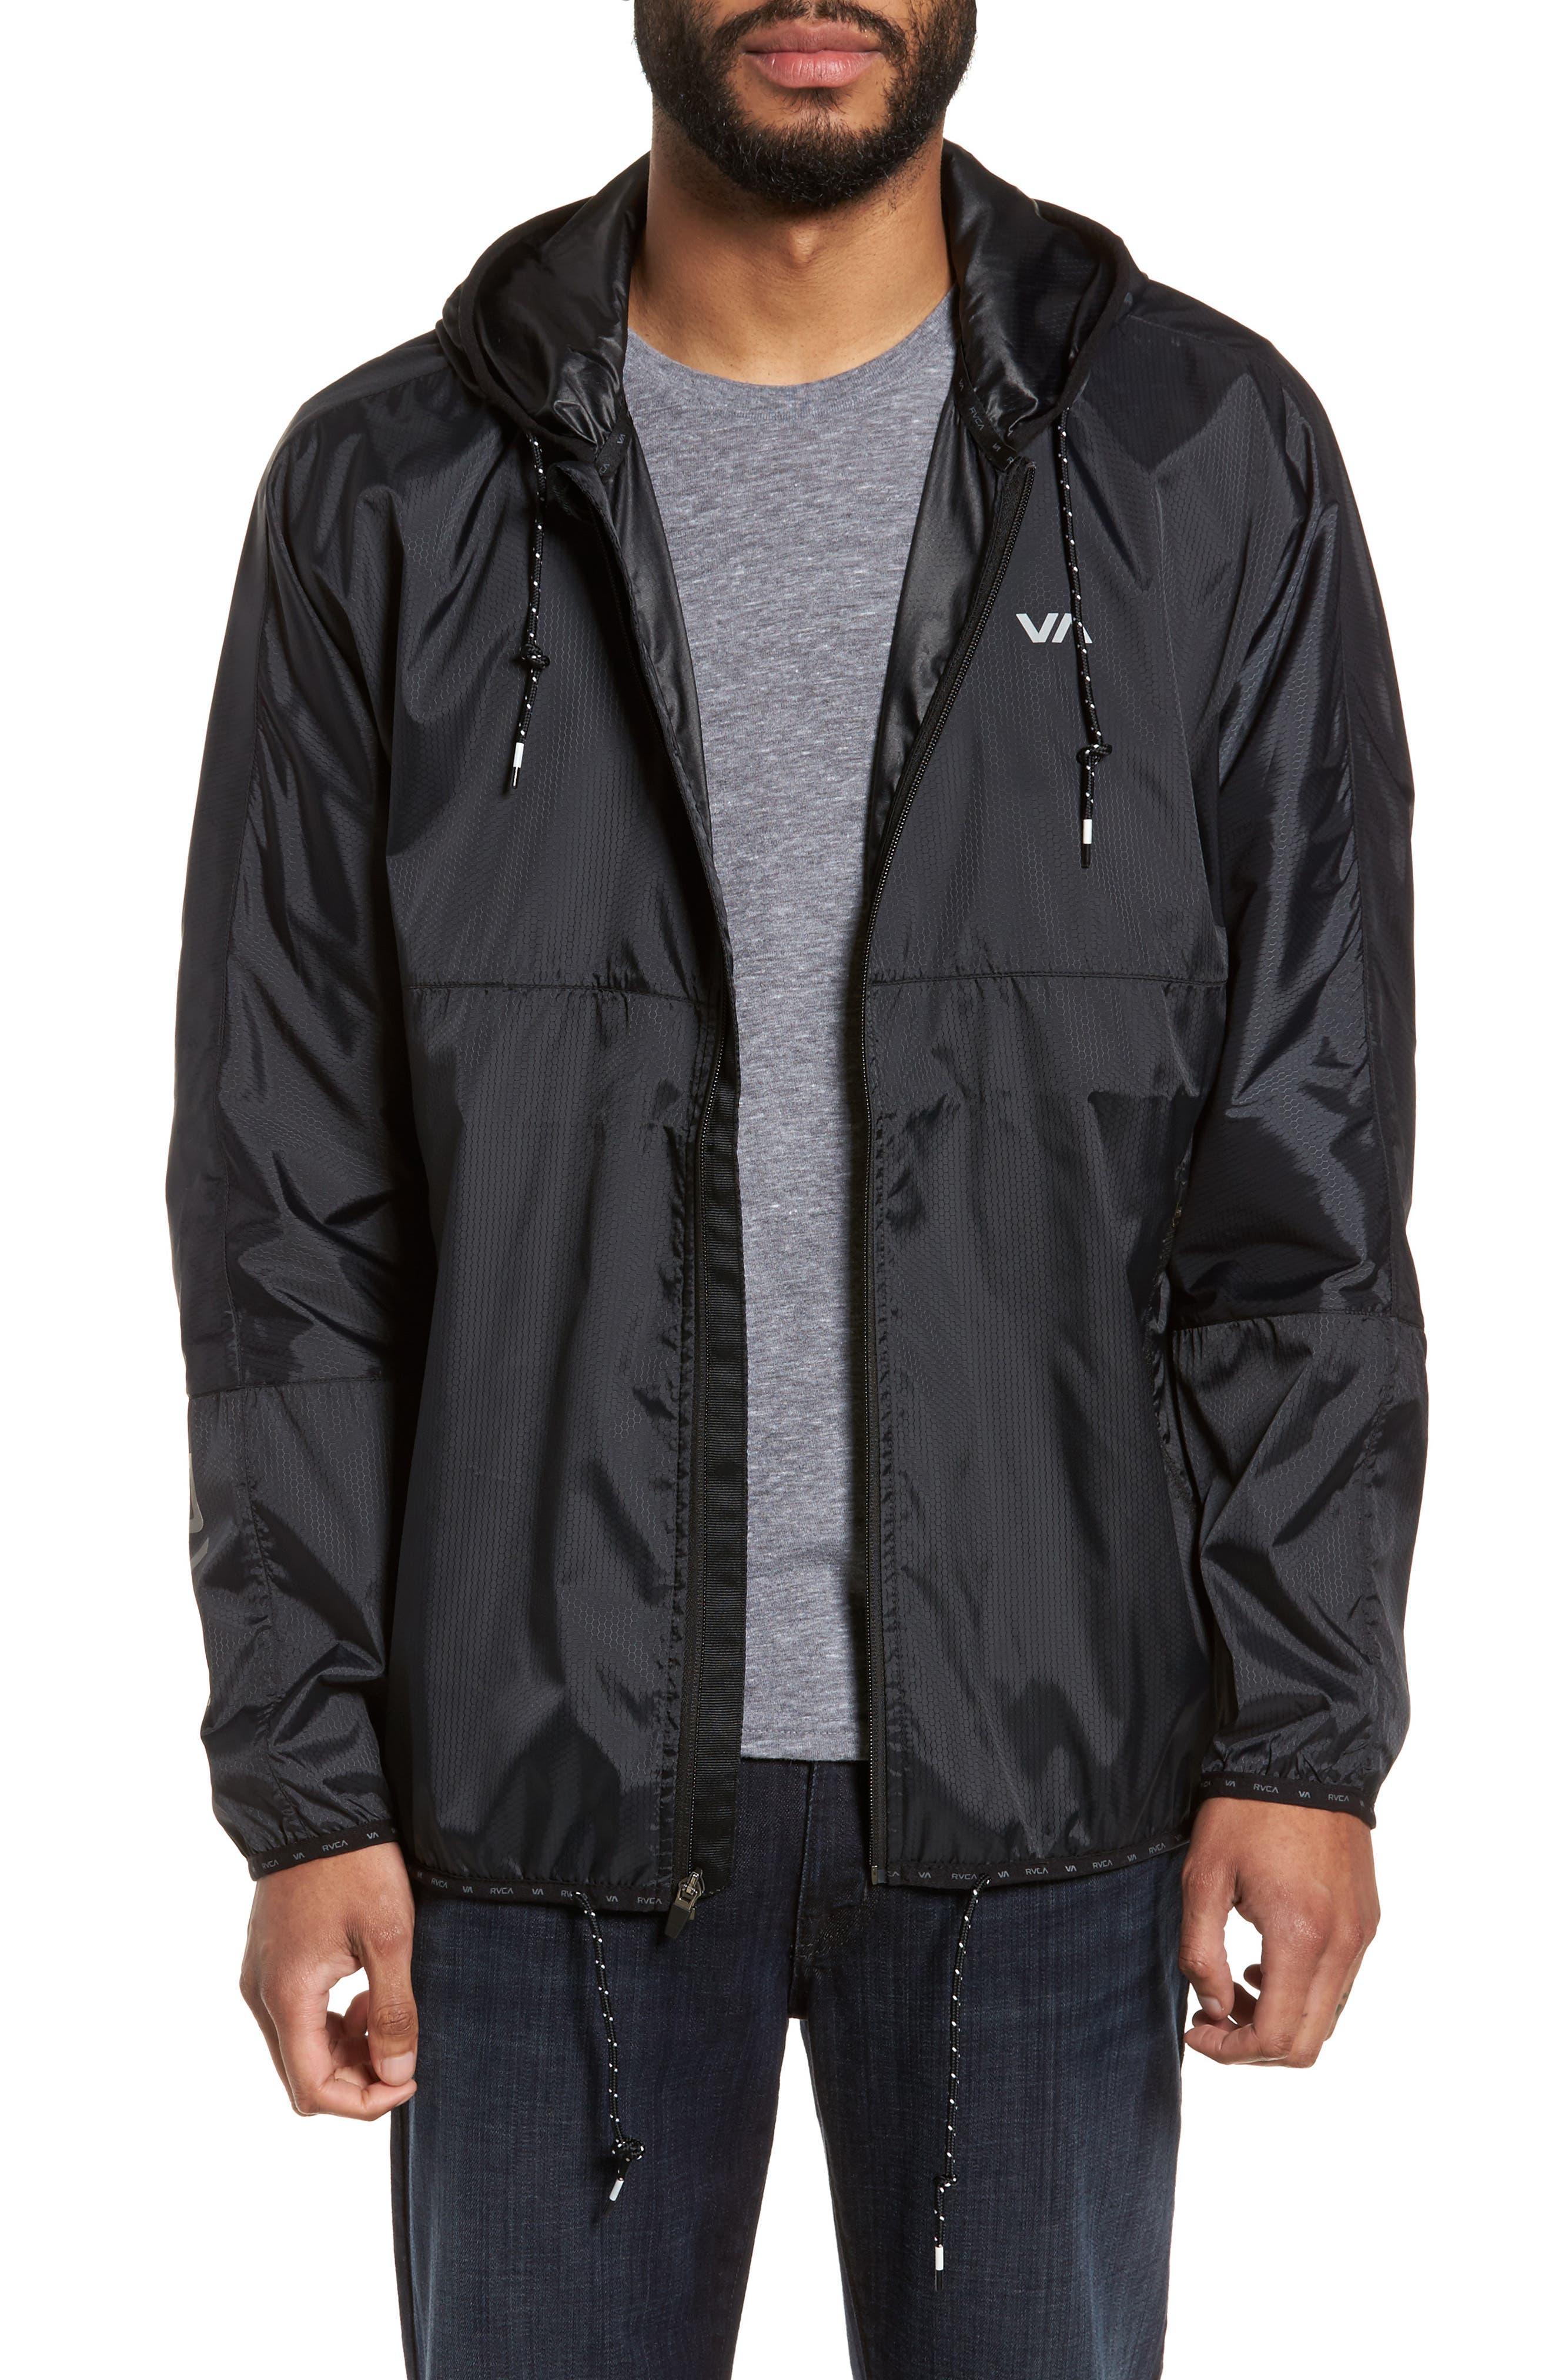 Hexstop II Water Repellent Hooded Jacket,                             Main thumbnail 1, color,                             001